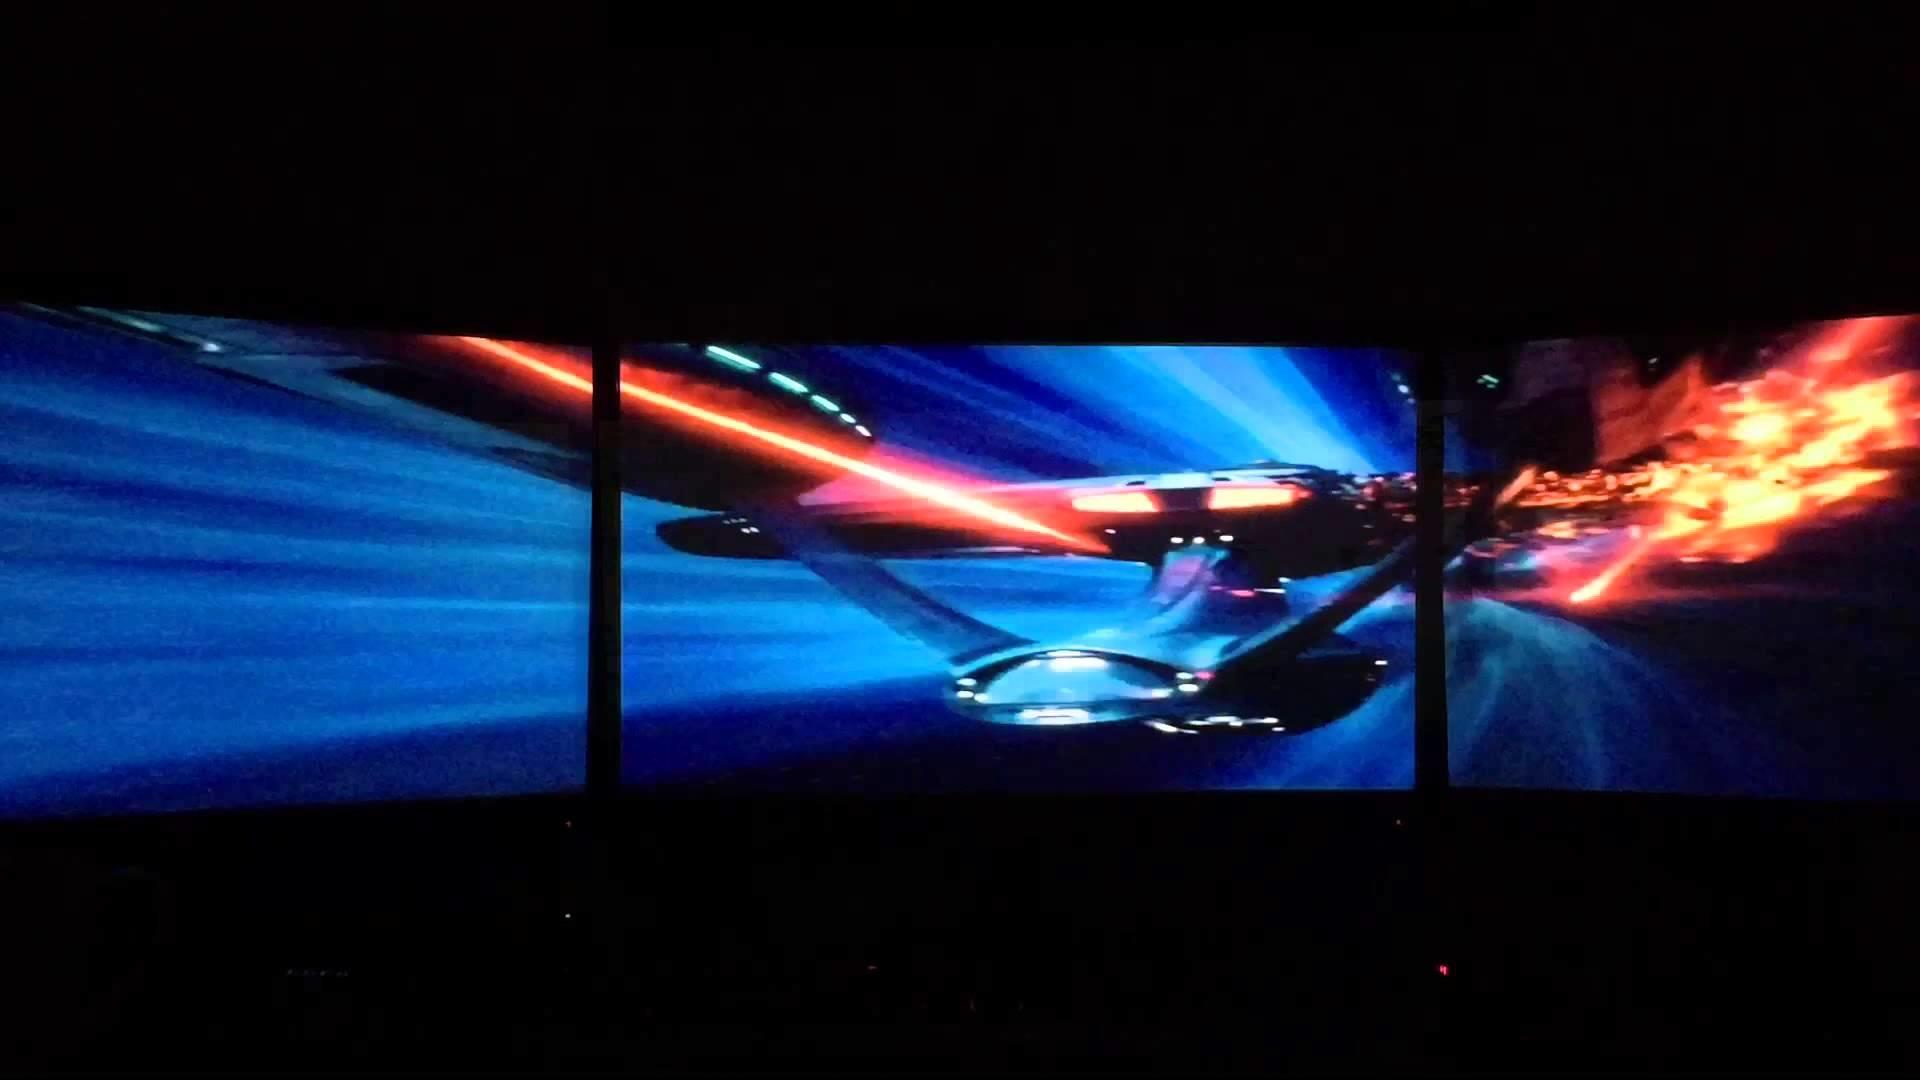 Star Trek Movie Clips Eyefinity Surround Triple Monitors Star Wars Triple Monitor Wallpaper Hd 1920x1080 Wallpaper Teahub Io